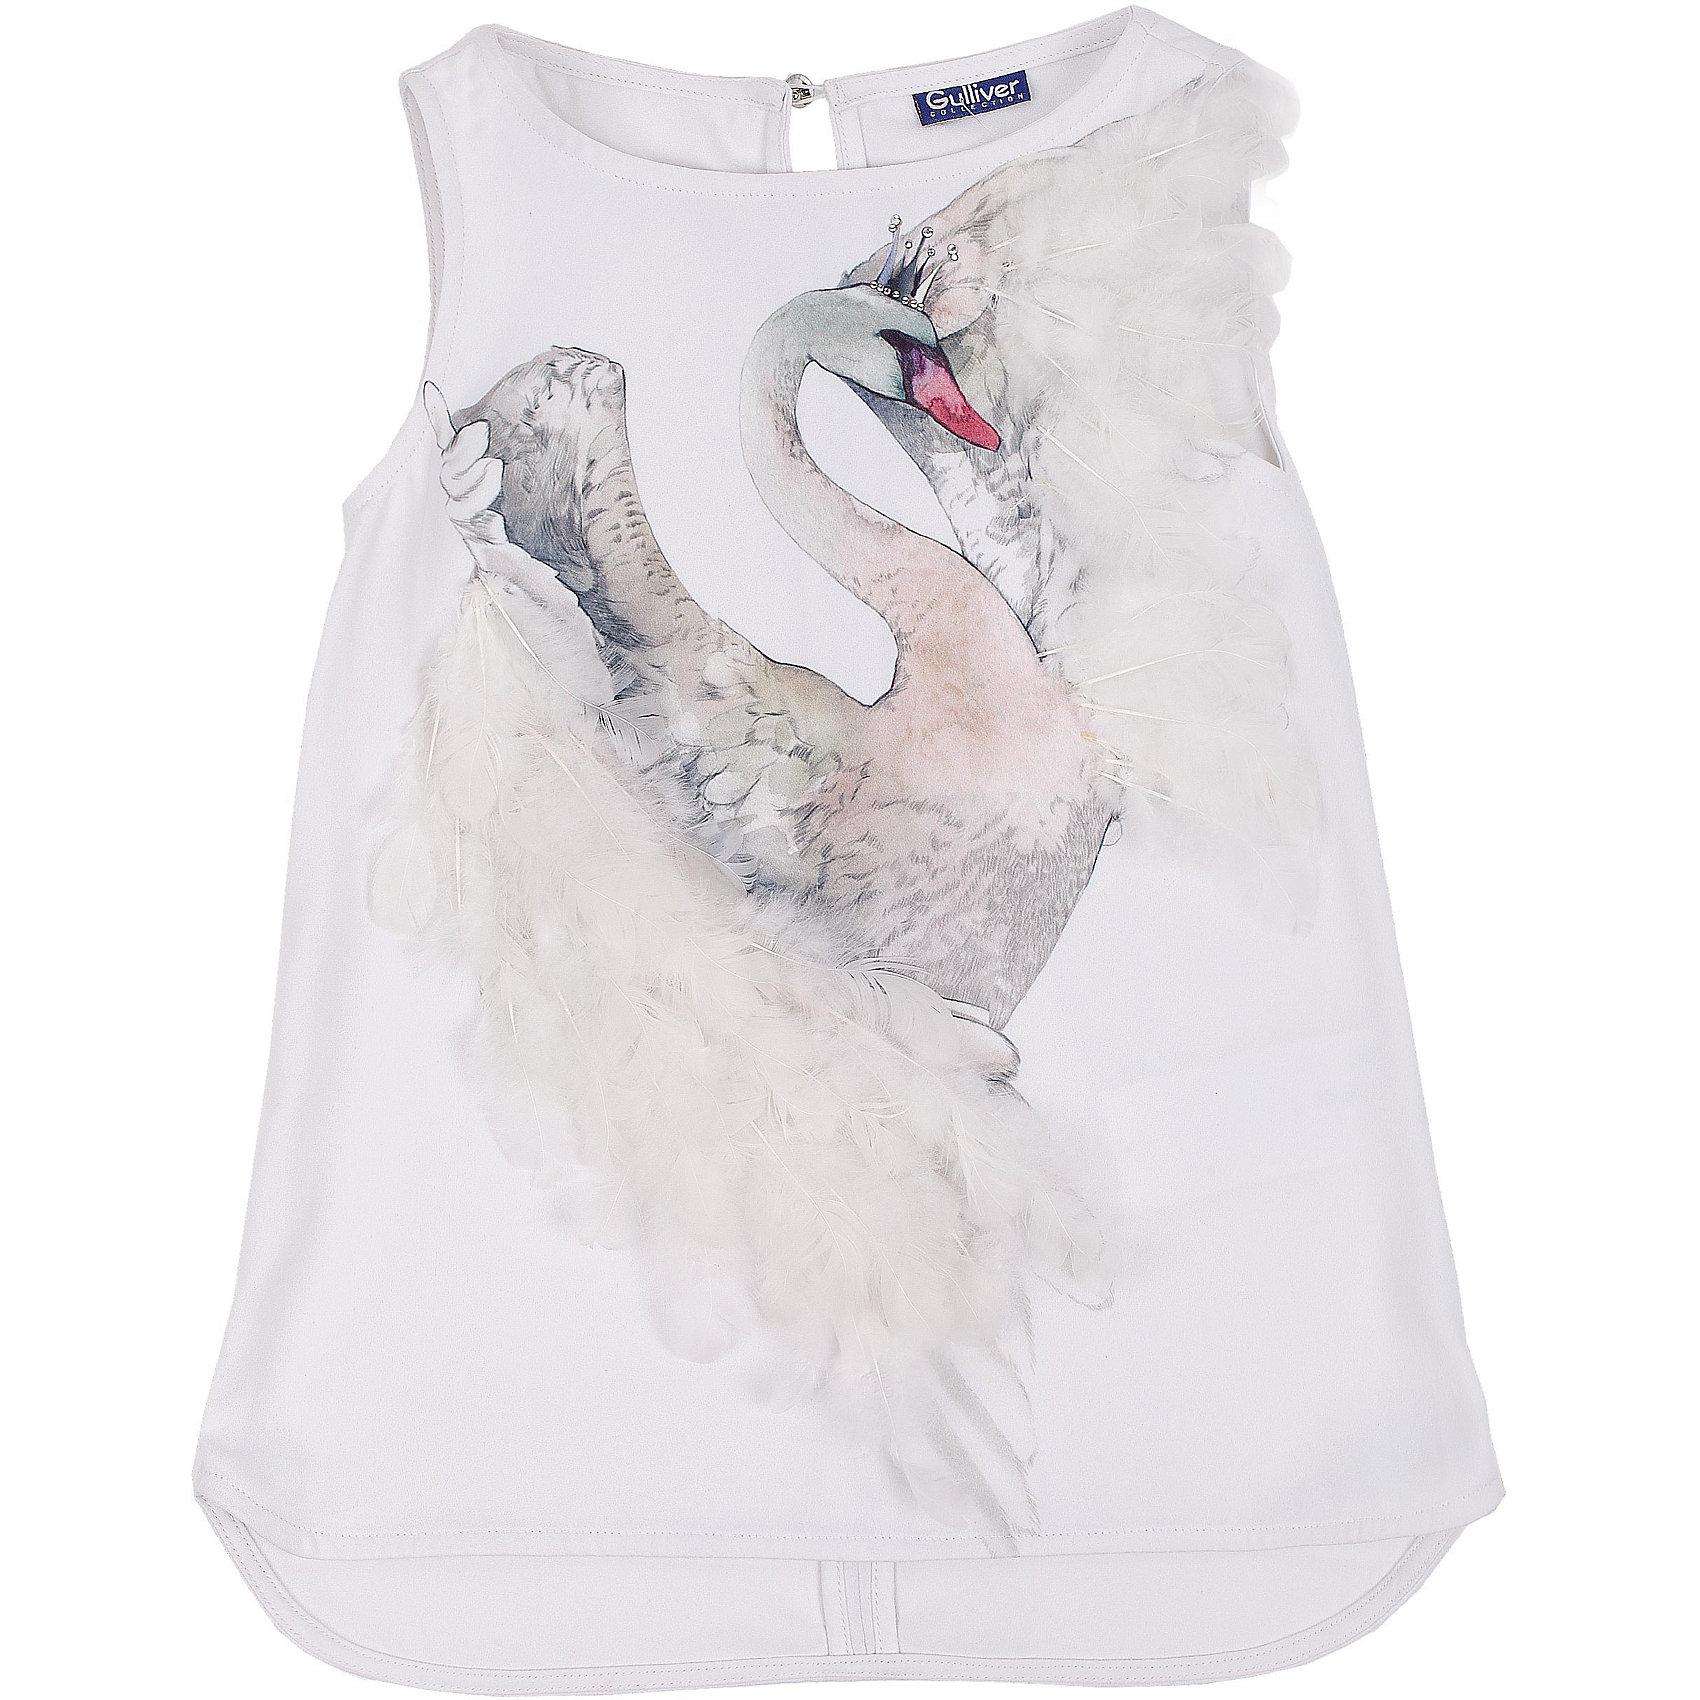 Блузка для девочки GulliverБлузки и рубашки<br>Блузка для девочки от известного бренда Gulliver.<br>Подготовка к празднику - приятные хлопоты! Если вы хотите сделать праздничный день радостным и ярким, вам стоит купить элегантную белую блузку с нежным  декором. Блузка оформлена интересным акварельным принтом, расшитым натуральными перьями. В нем легкость птичьего полета, грациозность, изящество. Конечно, такая вещь требует деликатного отношения, но ведь и праздники случаются не каждый день? Эта модель - лучший выбор блузки для девочки. Она сделает образ ребенка нежным, утонченным, изысканным.<br>Состав:<br>верх: 100% полиэстер; подкладка: 76% вискоза 19% полиэстер 5% эластан<br><br>Ширина мм: 186<br>Глубина мм: 87<br>Высота мм: 198<br>Вес г: 197<br>Цвет: белый<br>Возраст от месяцев: 132<br>Возраст до месяцев: 144<br>Пол: Женский<br>Возраст: Детский<br>Размер: 152,164,158,146<br>SKU: 5103519